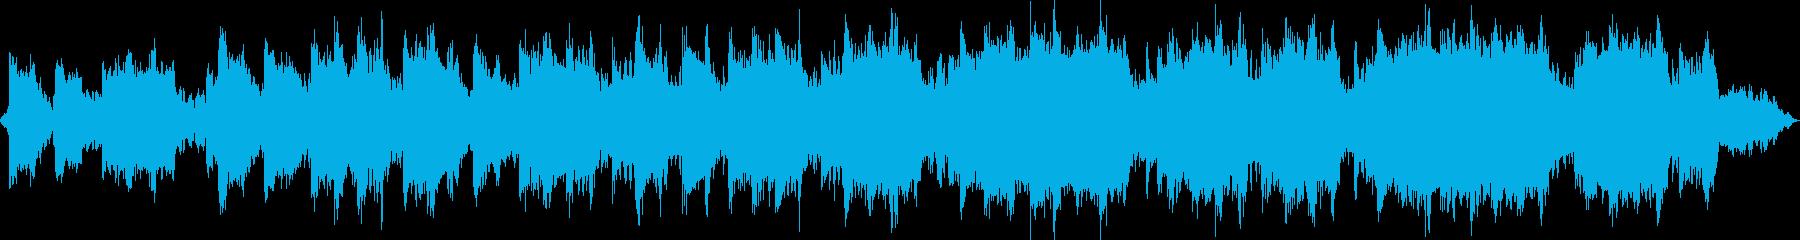 現代の交響曲でワイルドな曲の再生済みの波形